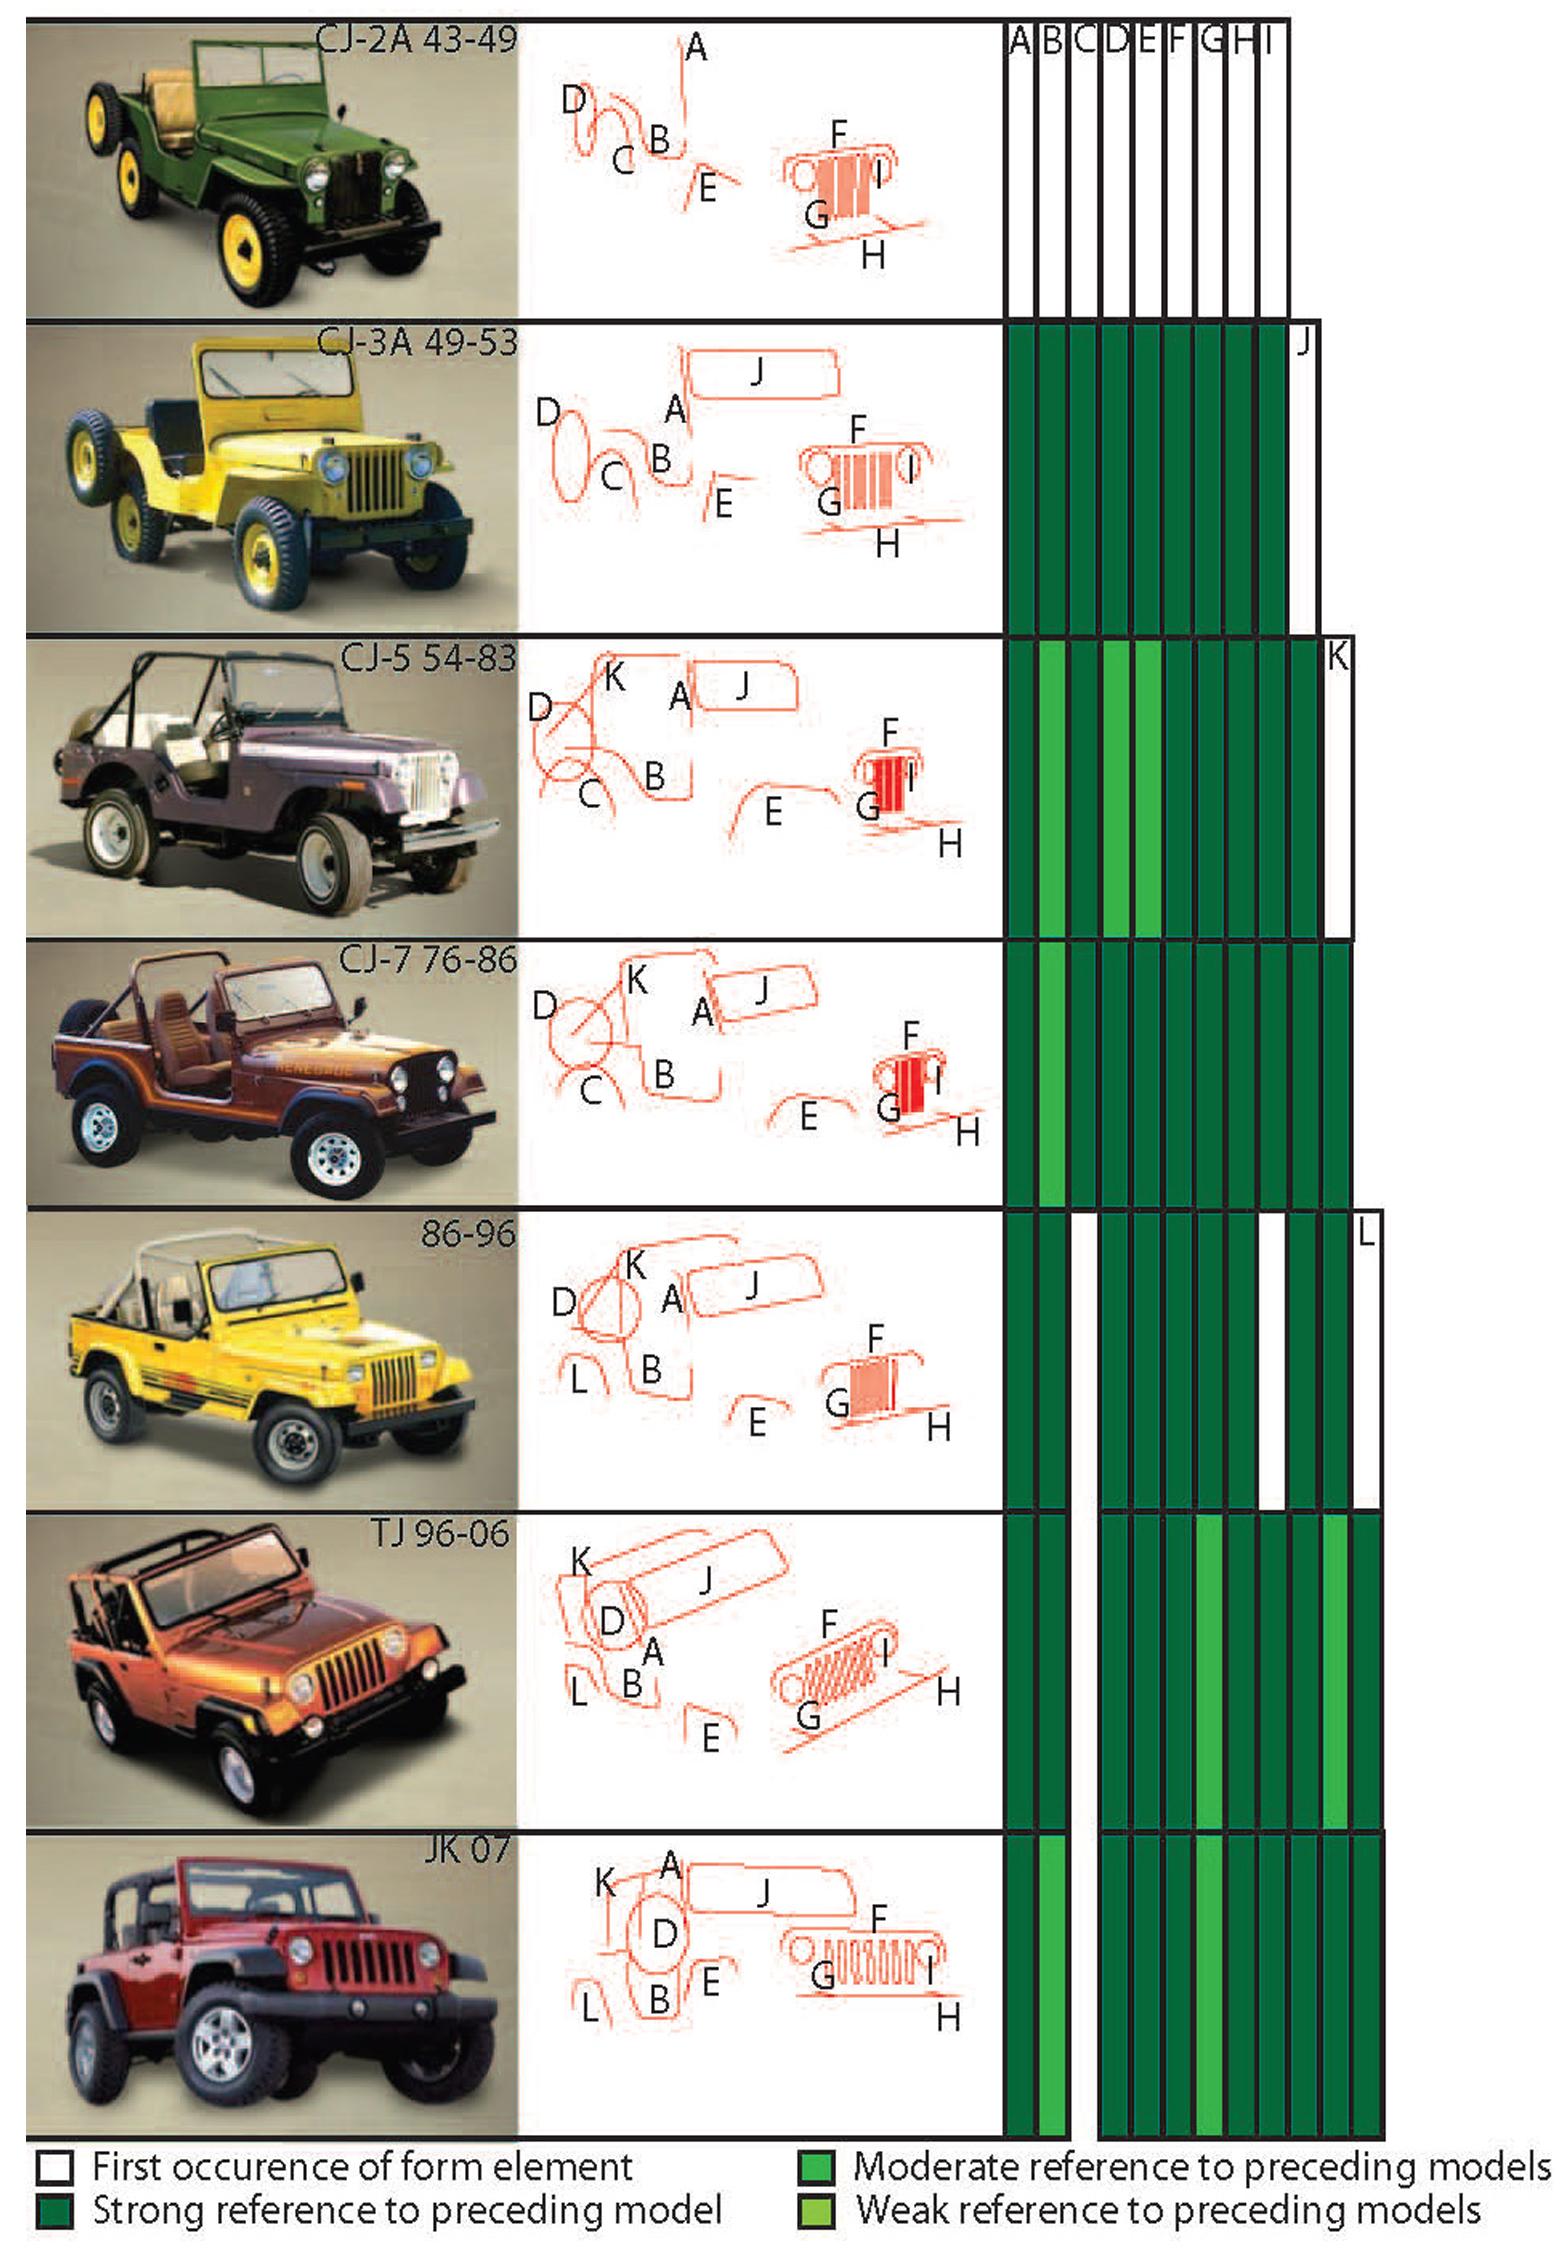 jeep wrangler history timeline. Black Bedroom Furniture Sets. Home Design Ideas